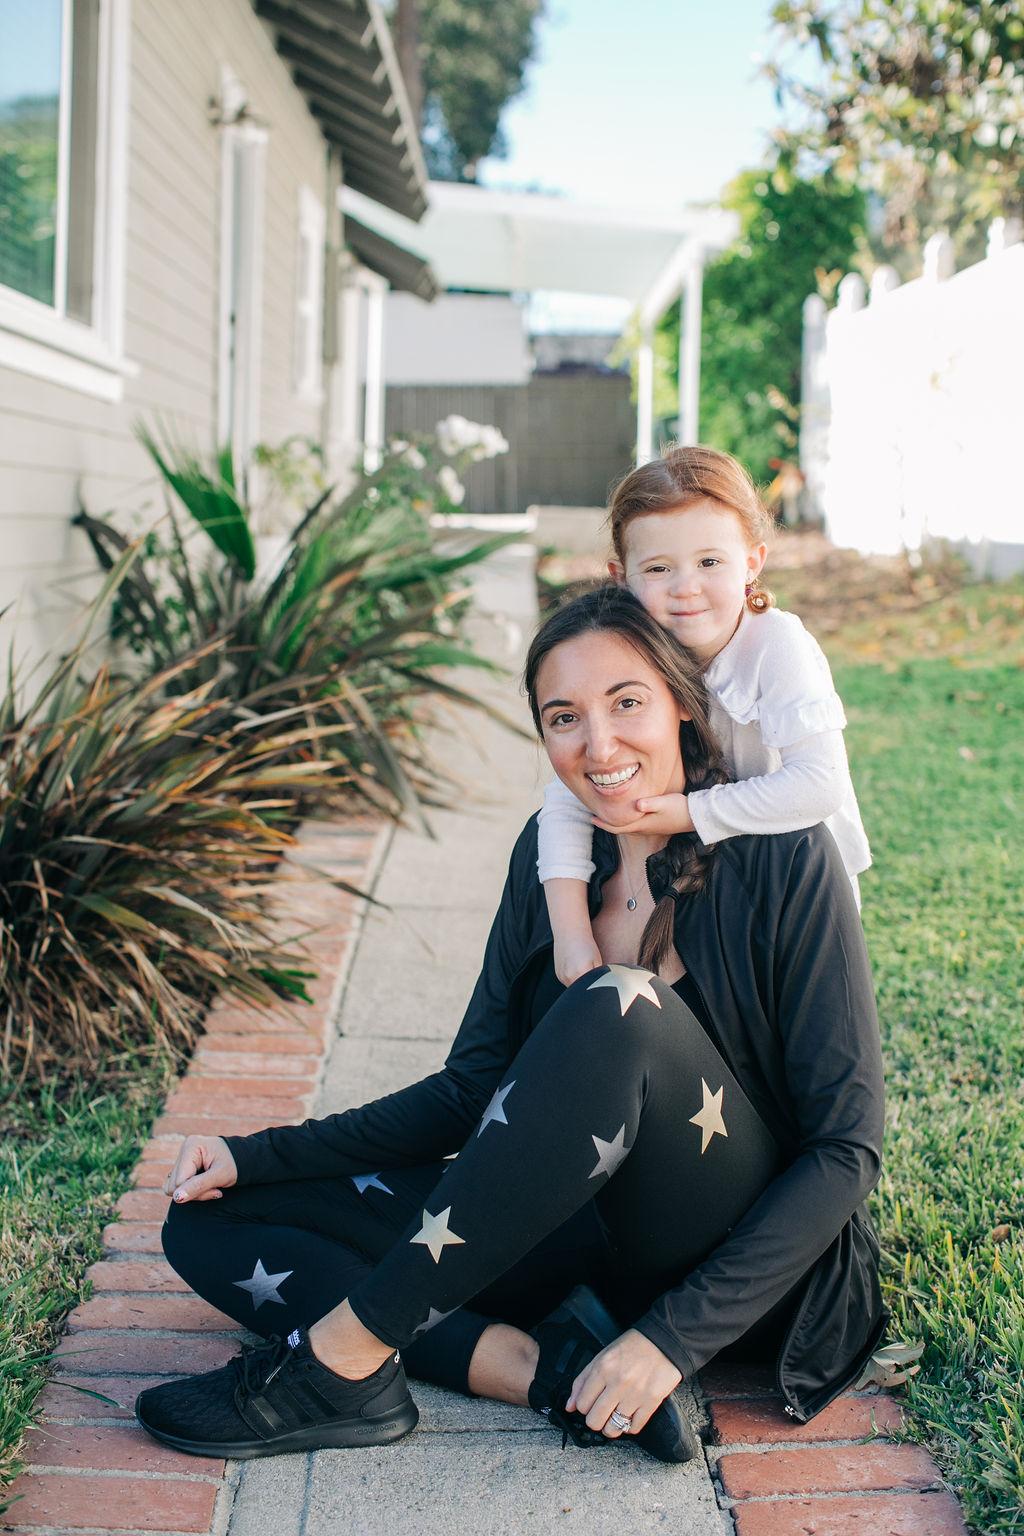 Baby_Boy_Bakery_JCPenny_LilyRoPhotography-4287.jpg